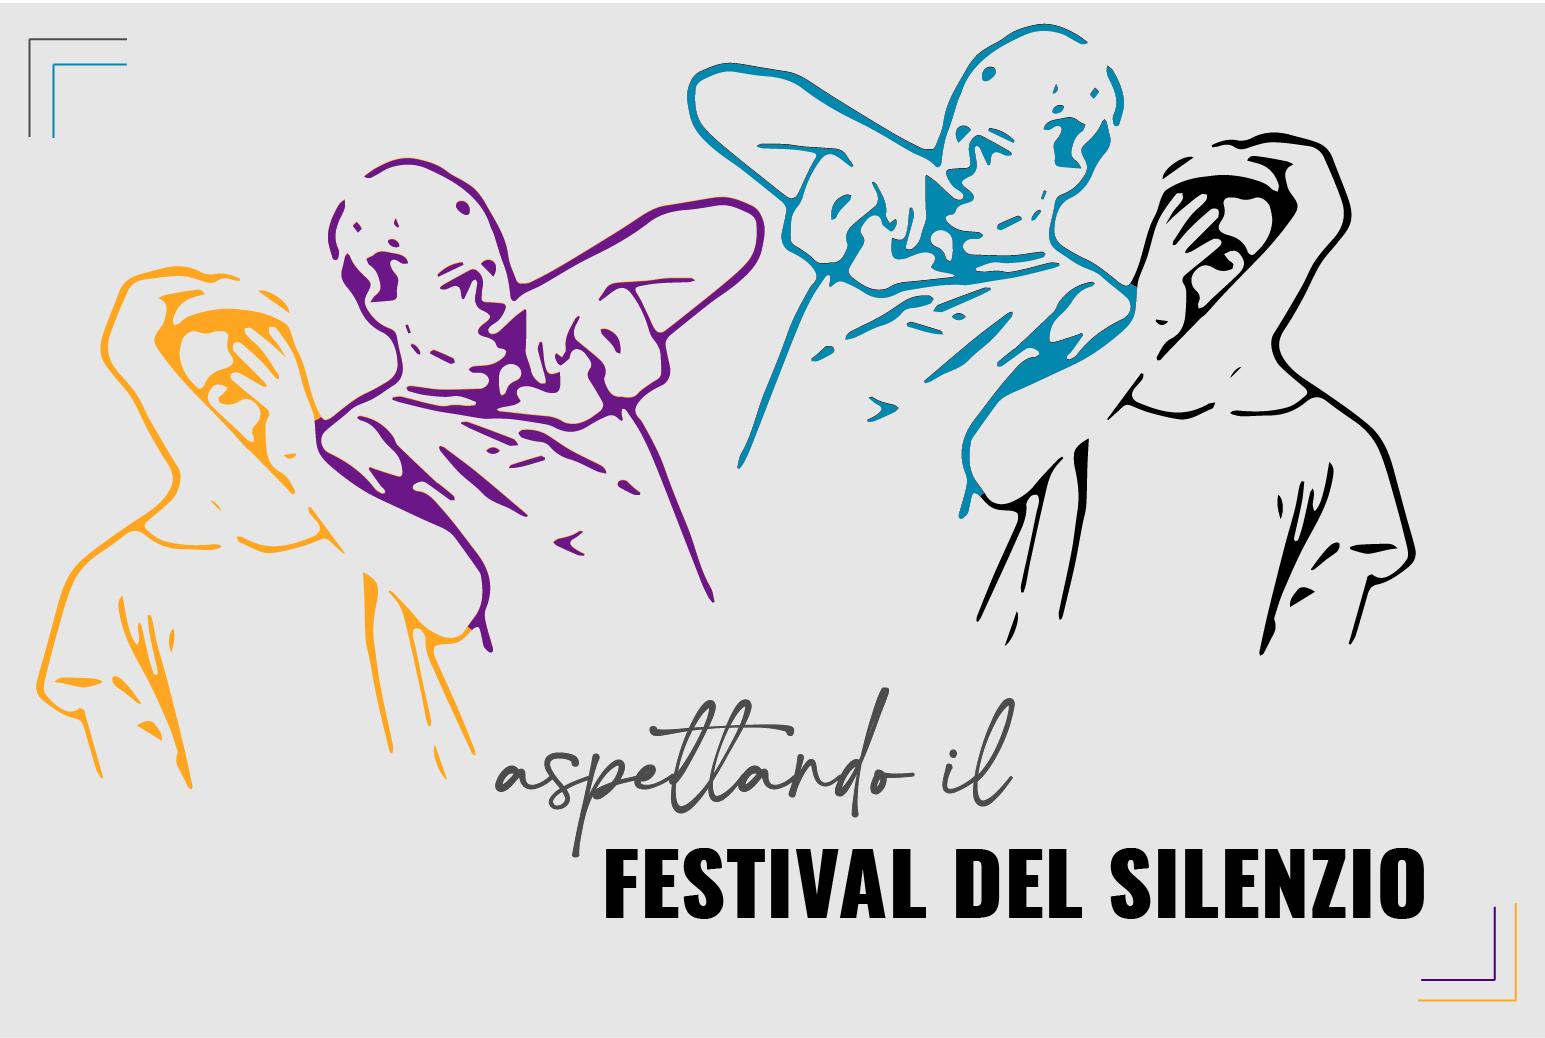 Aspettando il festival del silenzio logo